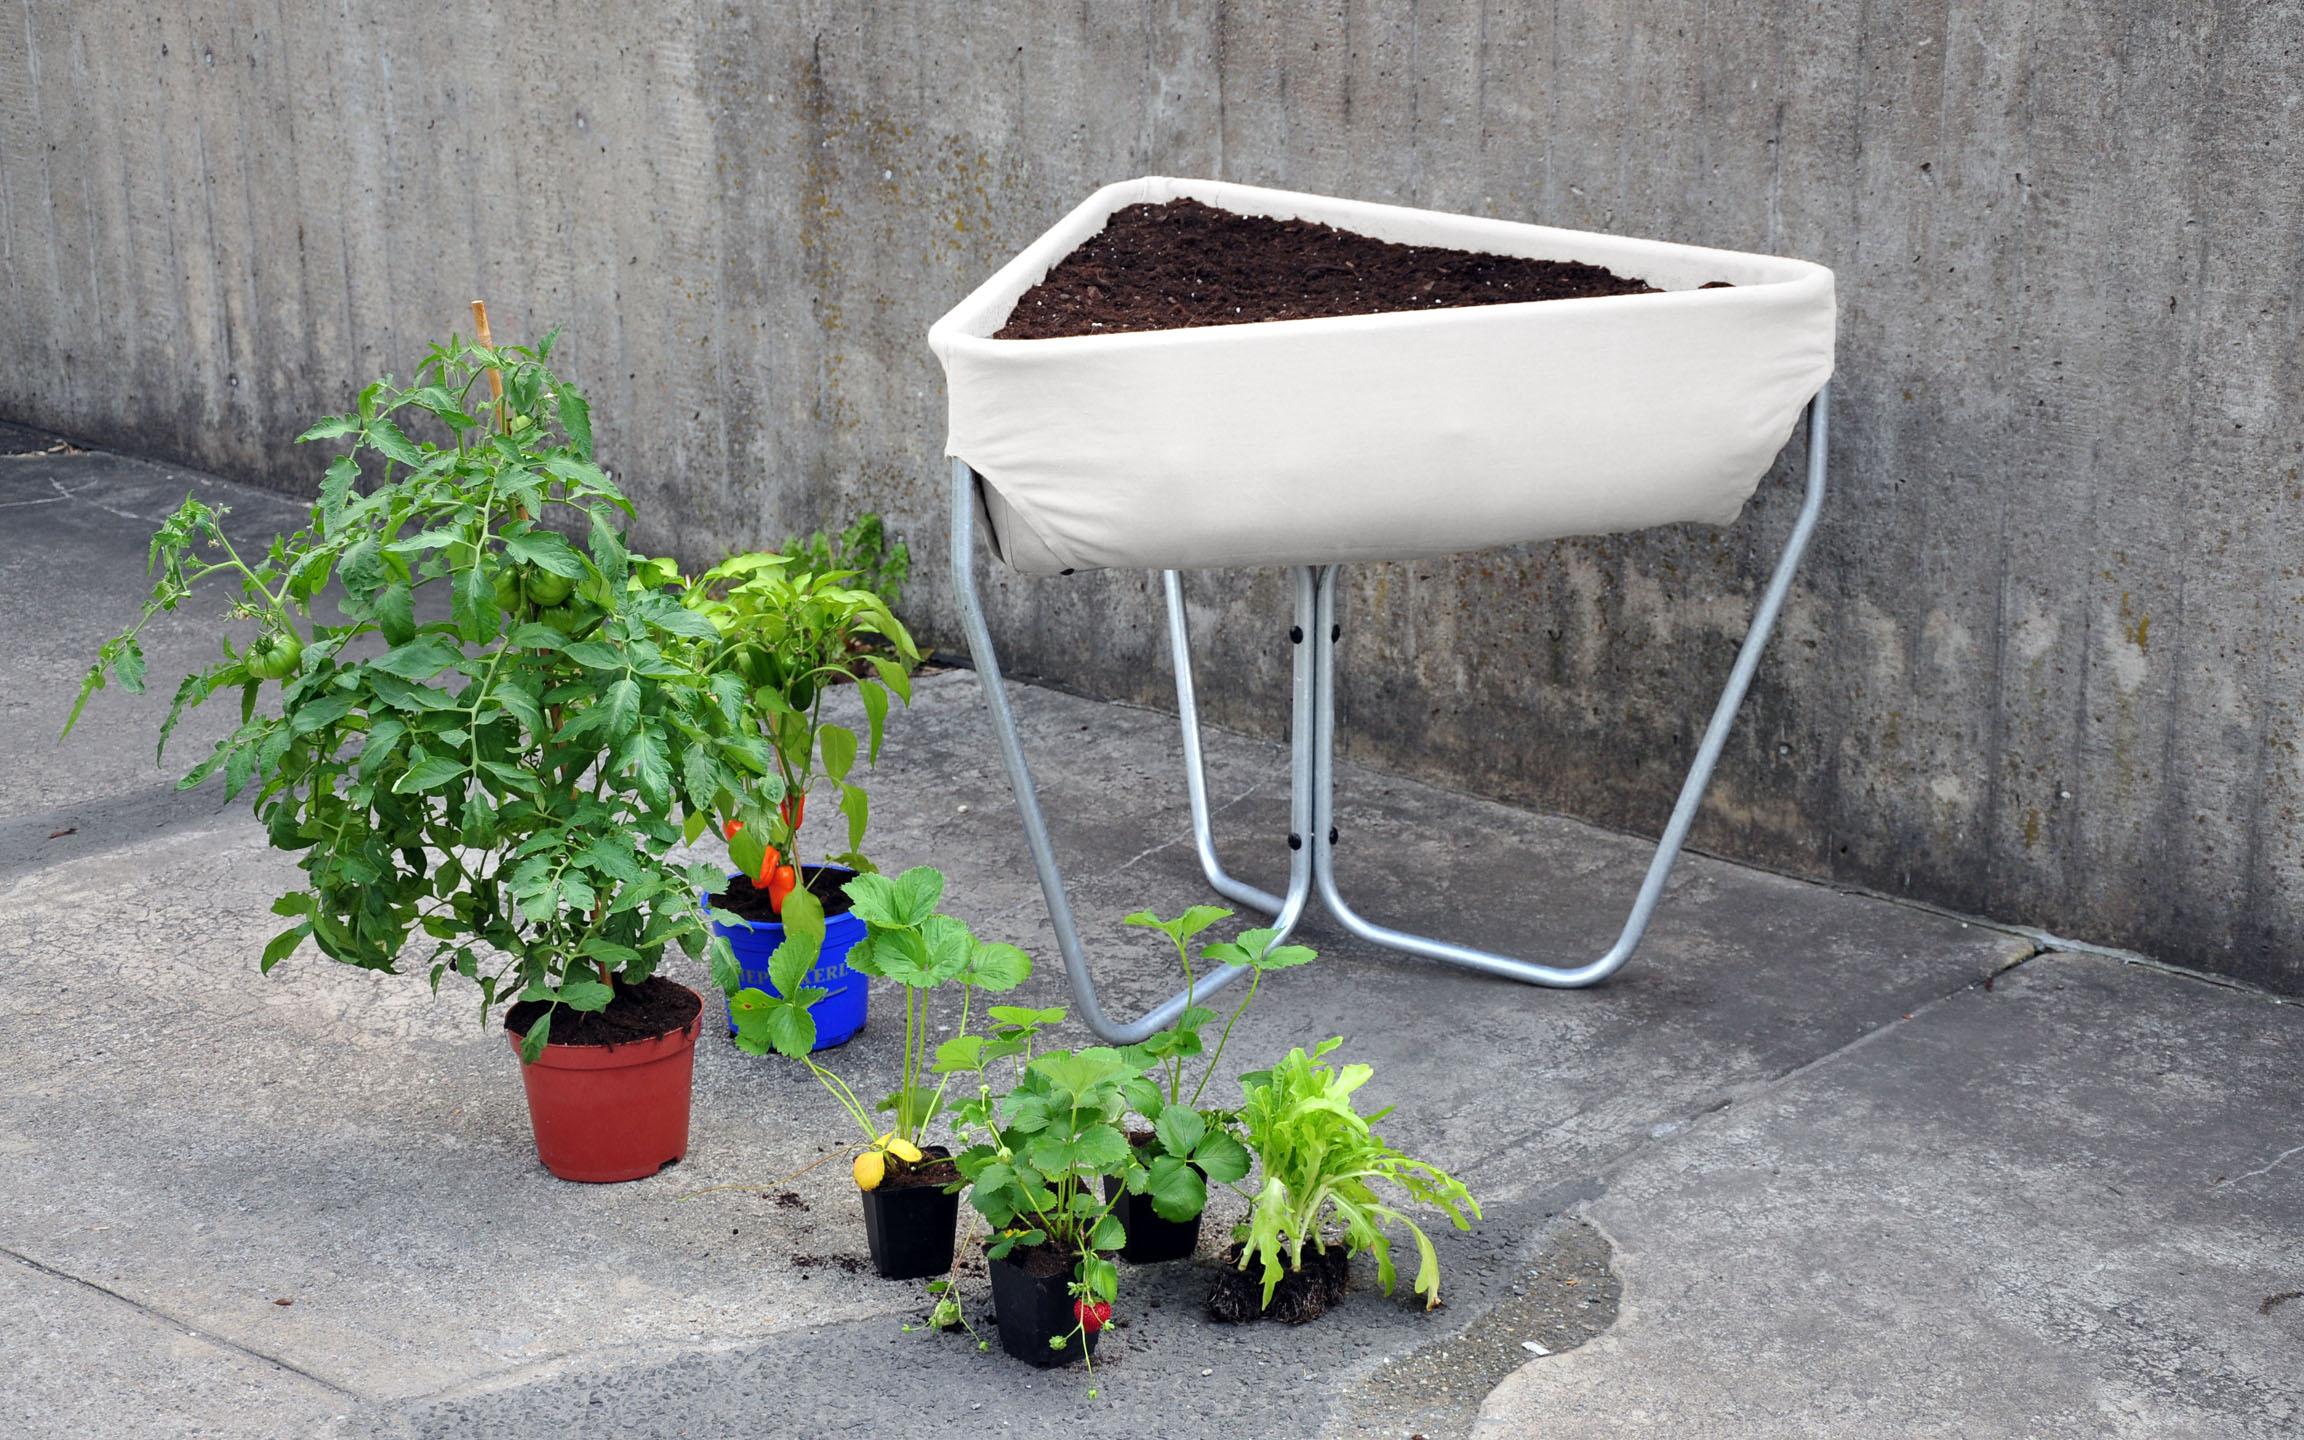 hochbeet-drebes-oertel-plants